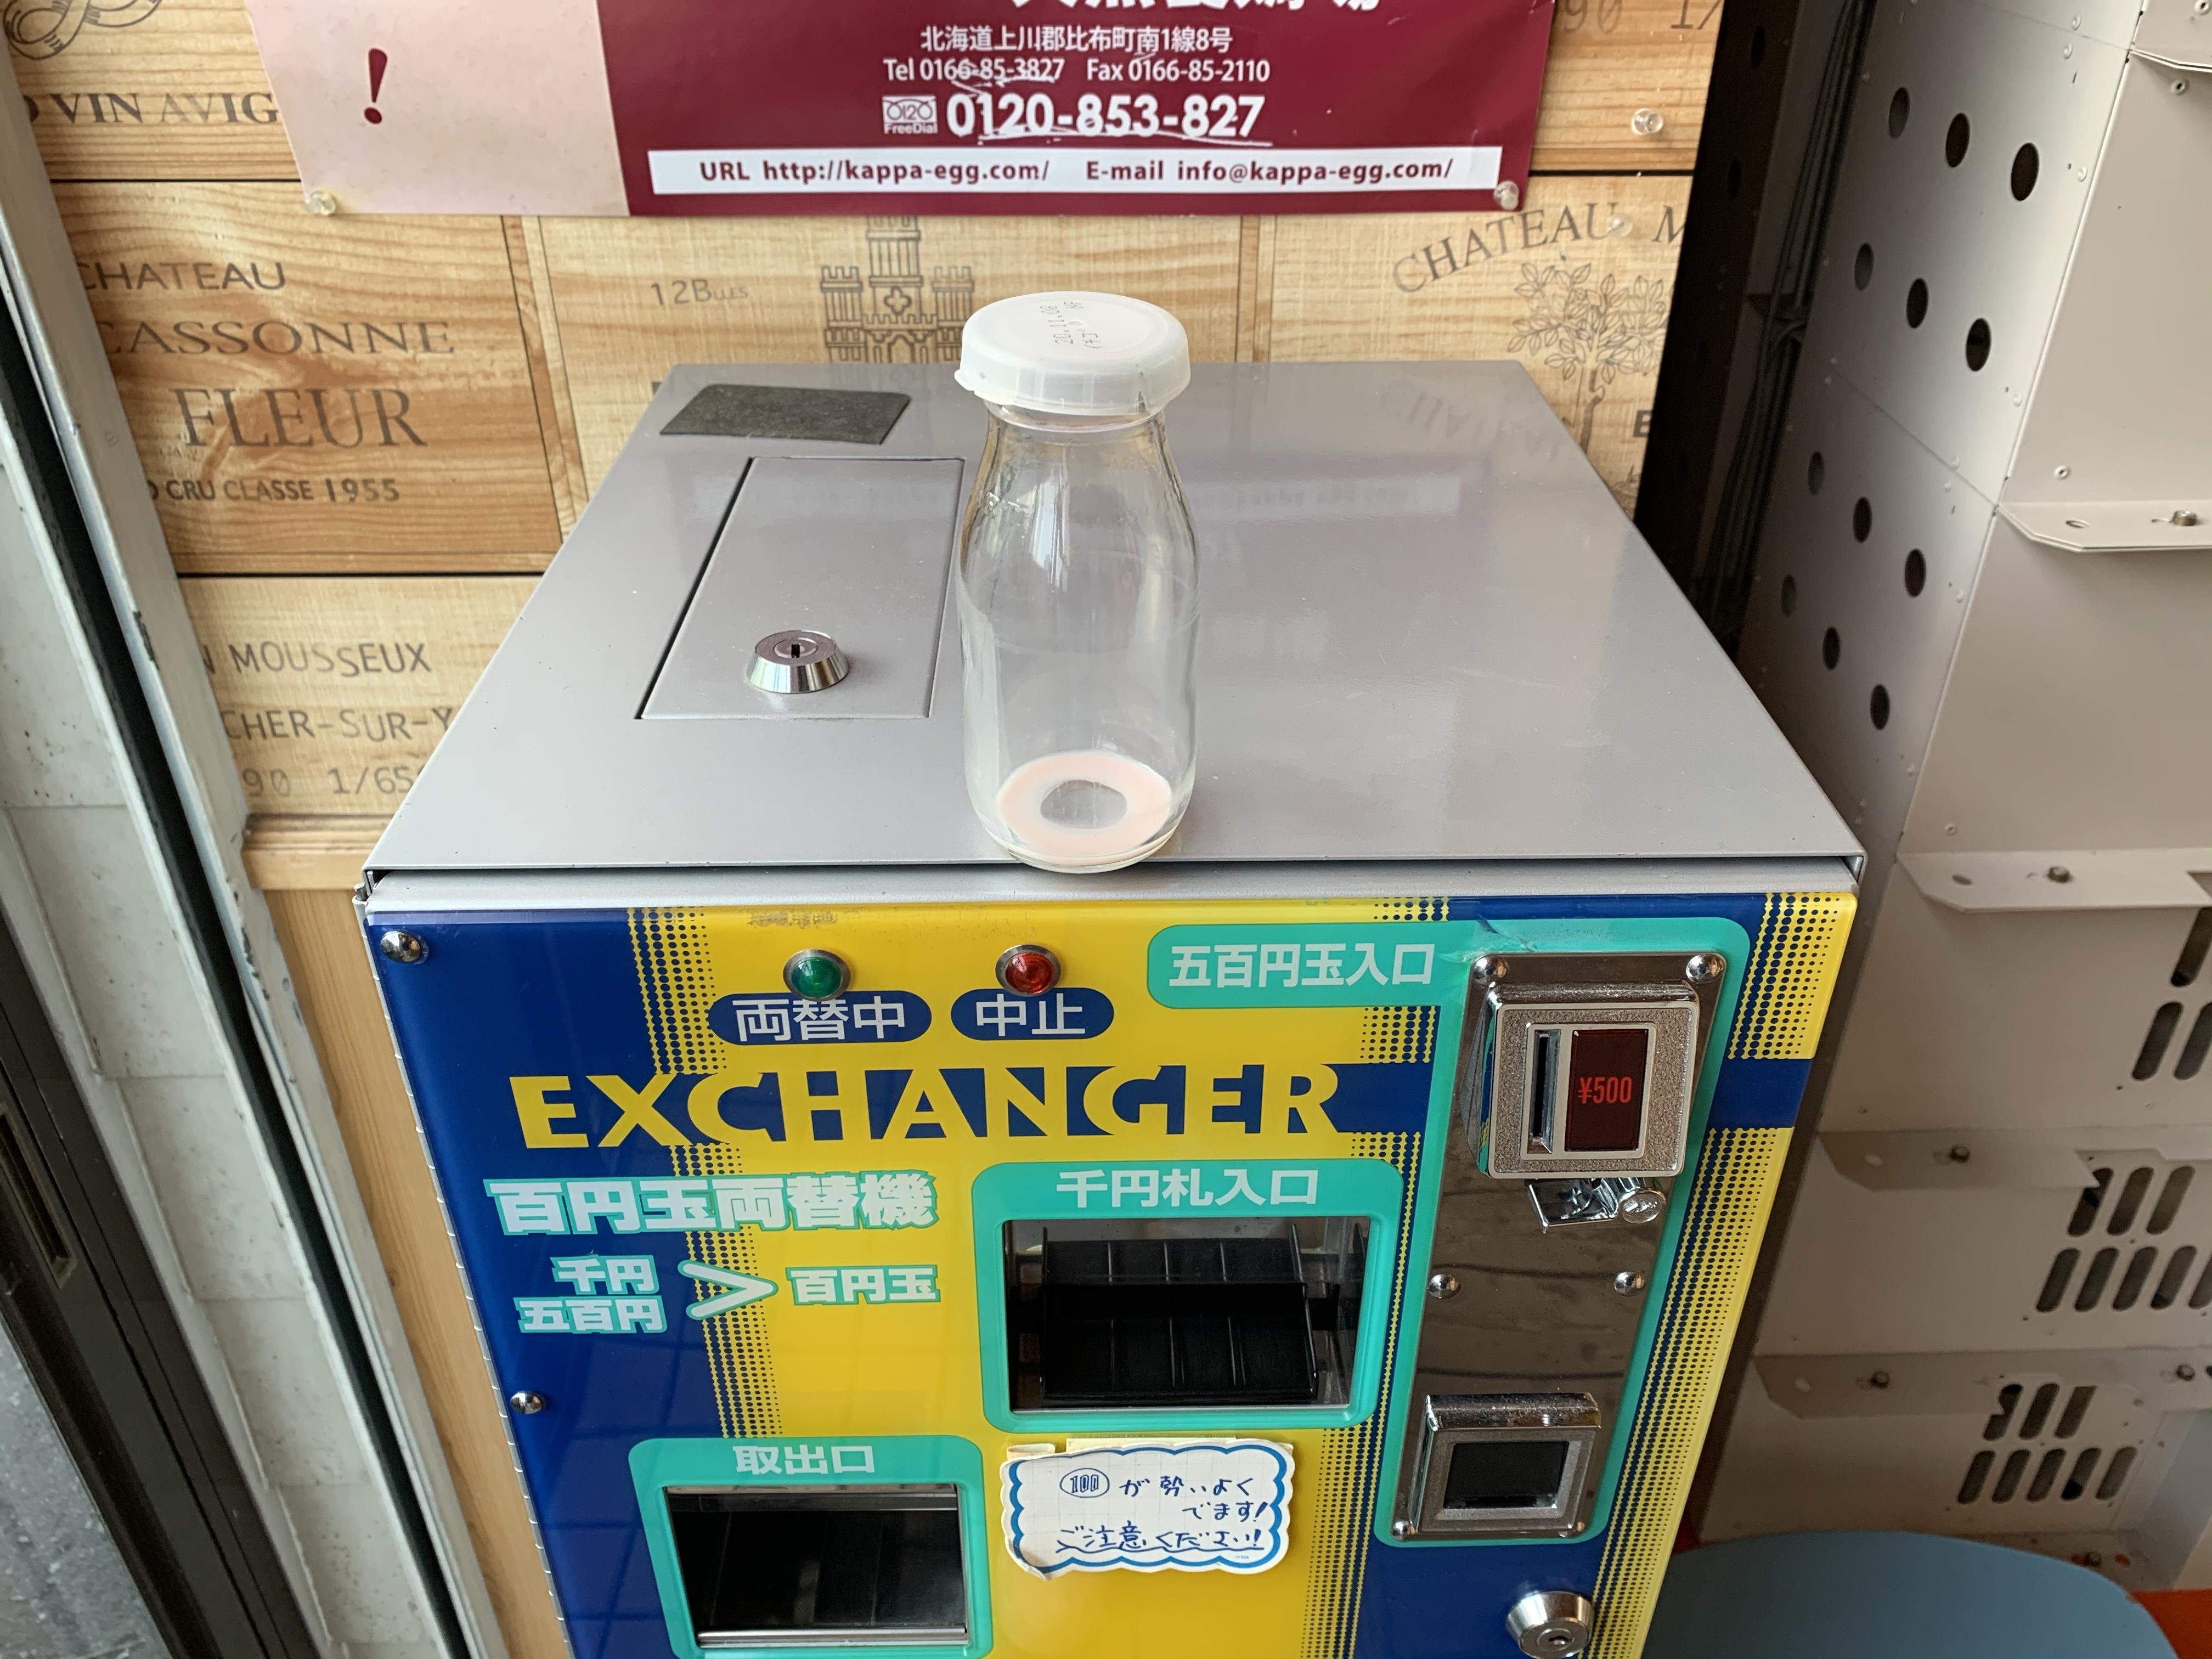 両替機の上に置かれたビン